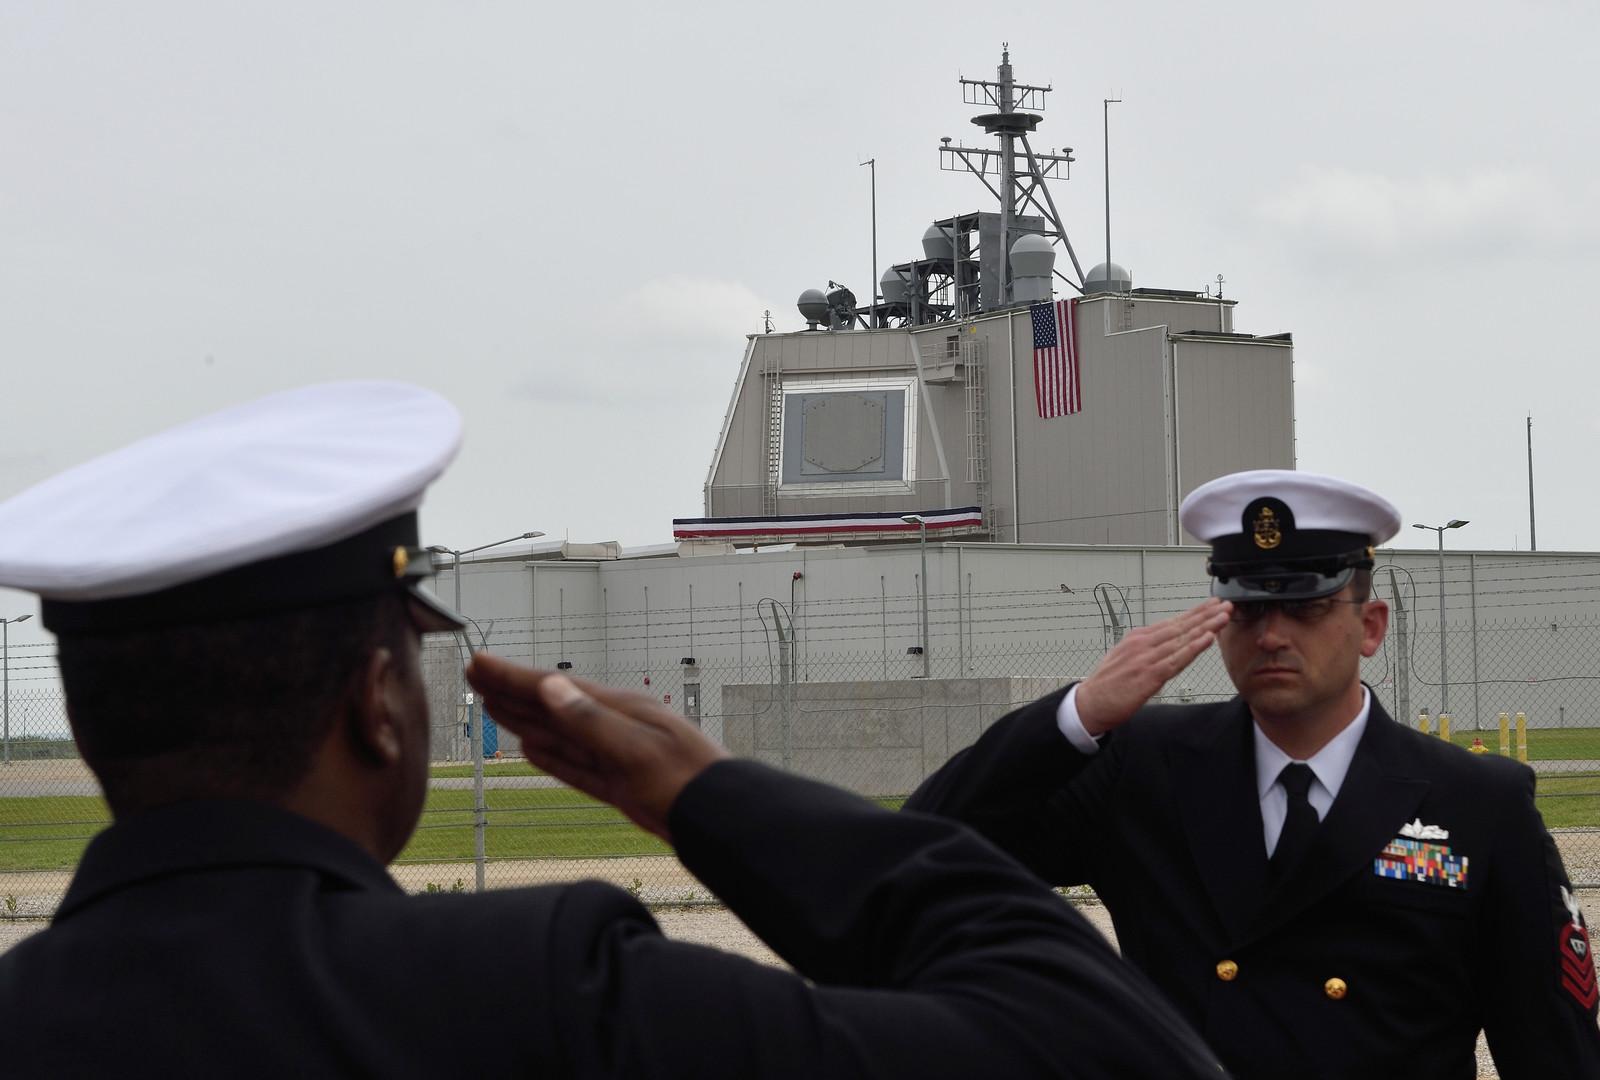 Aegis Ashore nicht genug? THAAD-Raketenabwehrsysteme der USA kommen nach Osteuropa